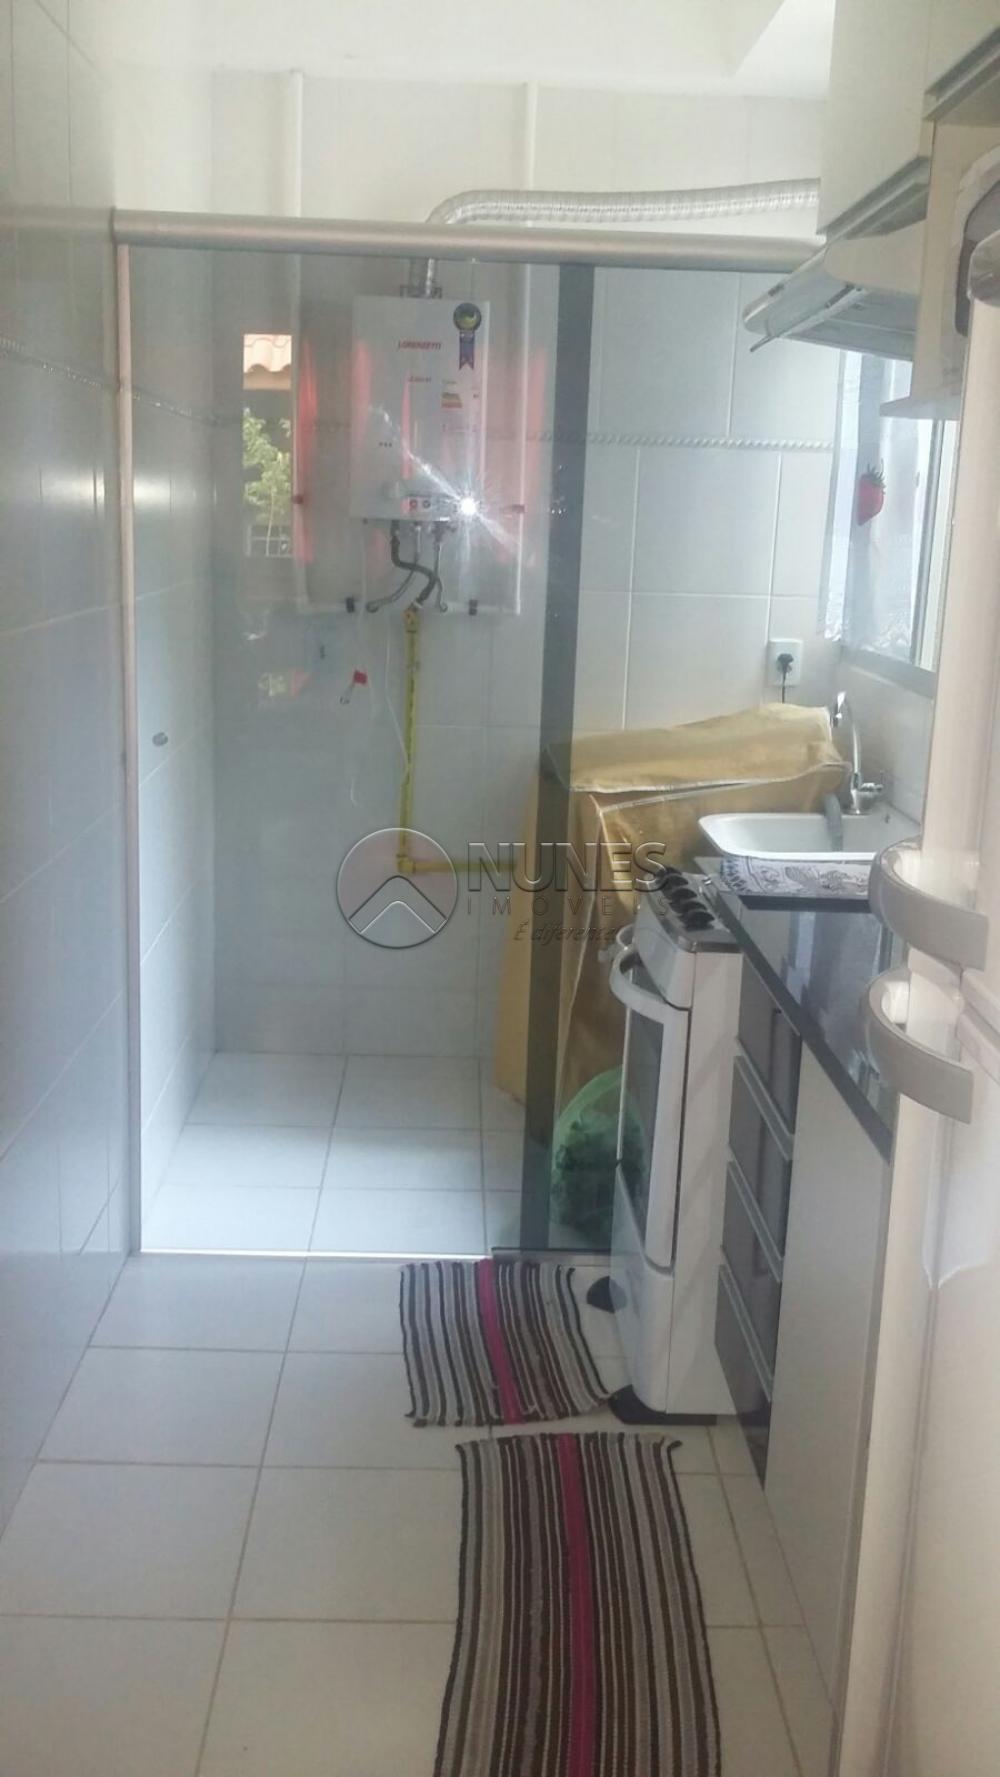 Comprar Apartamento / Padrão em Osasco apenas R$ 191.000,00 - Foto 11